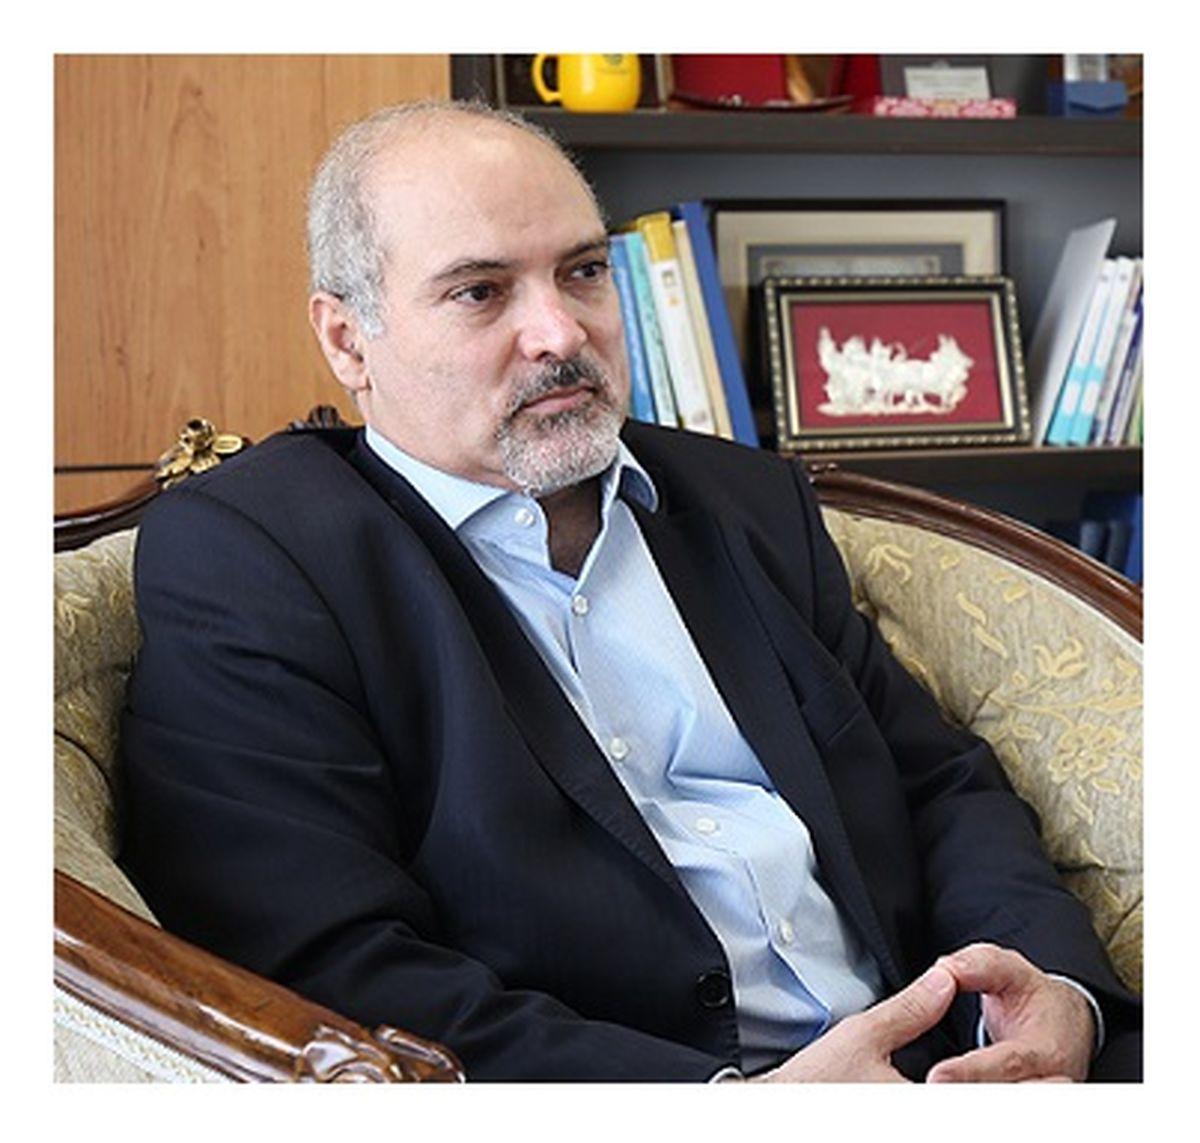 معاون بین الملل دانشگاه تهران: تشکیل ستاد ویژهای برای کمک به دانشجویان افغان